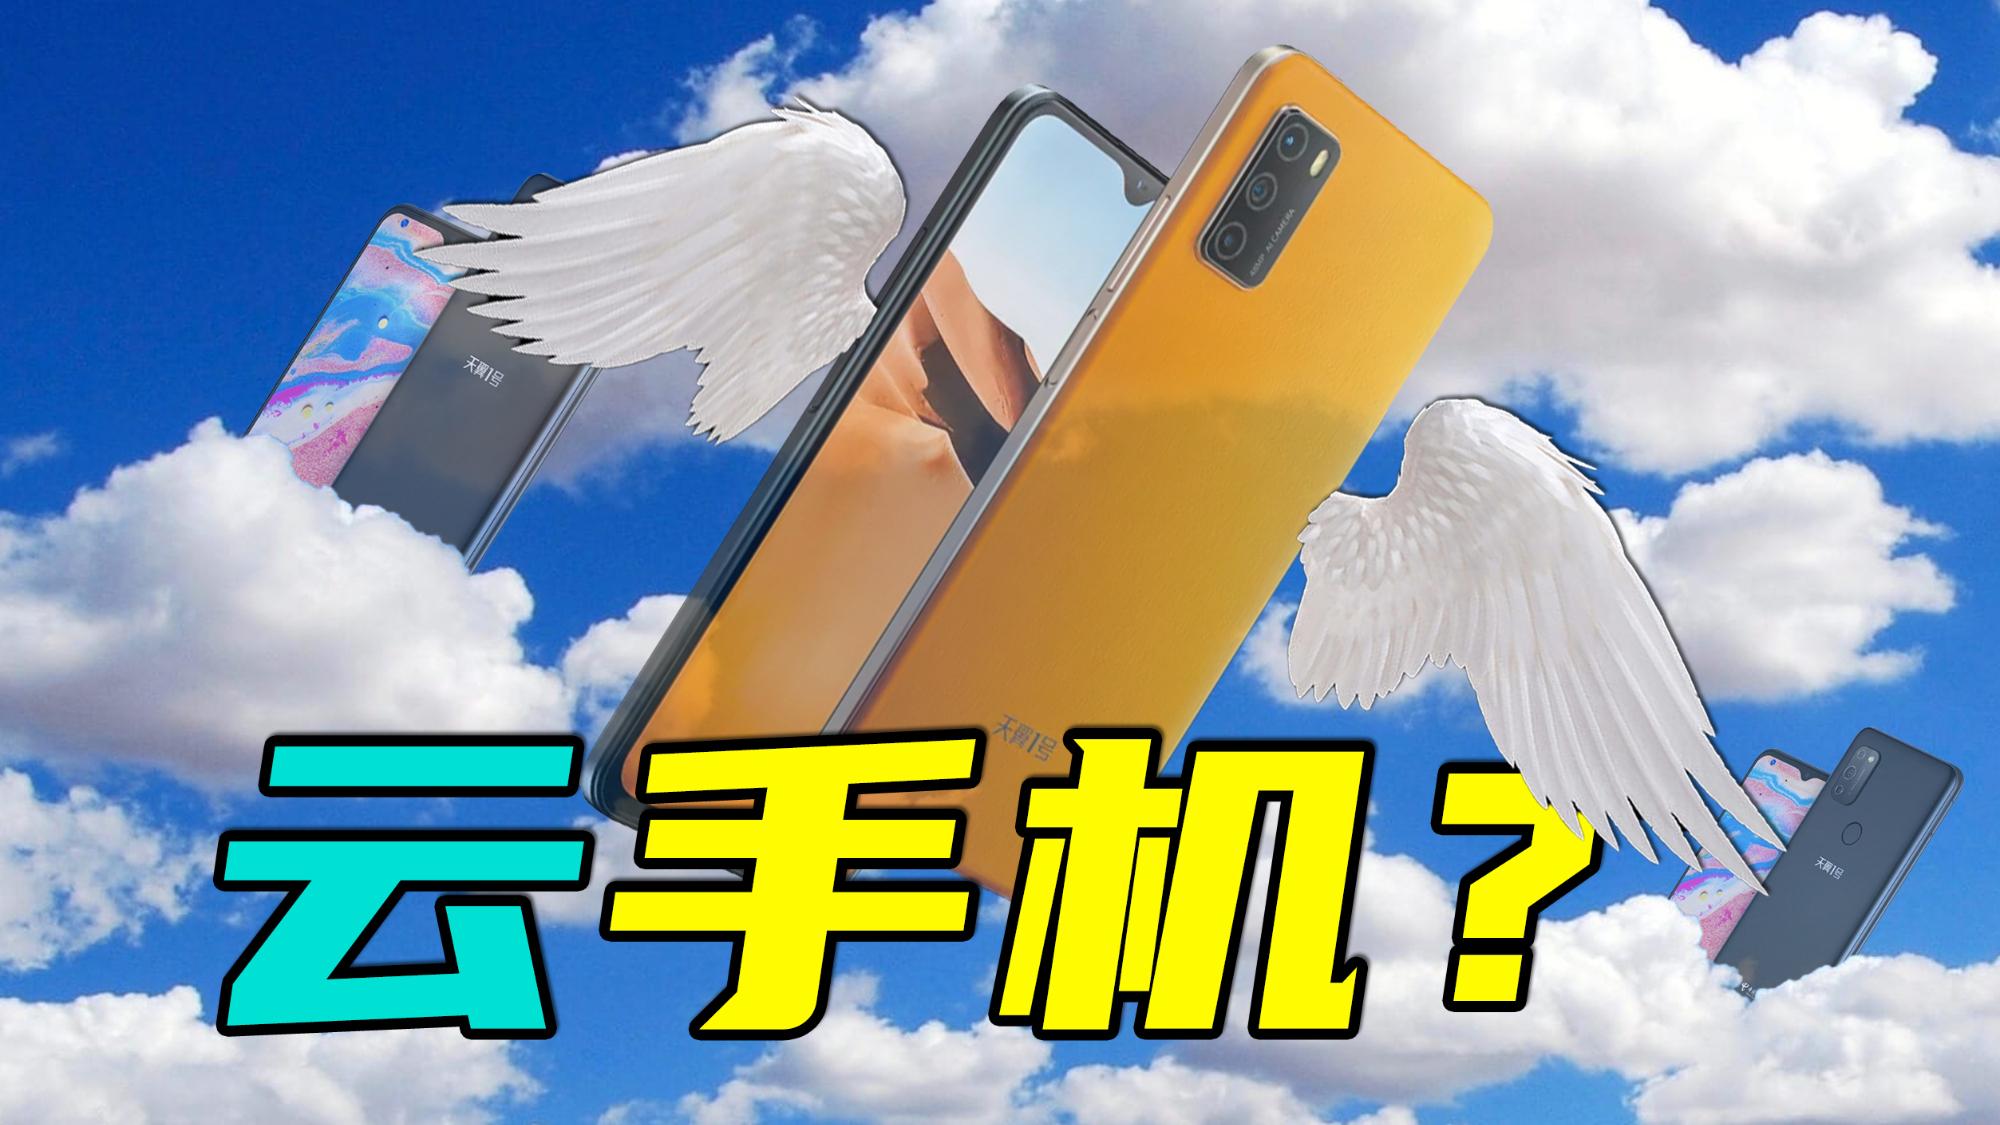 【短的发布会】天翼一号2021套娃内置云手机,千元机享受万元旗舰体验?